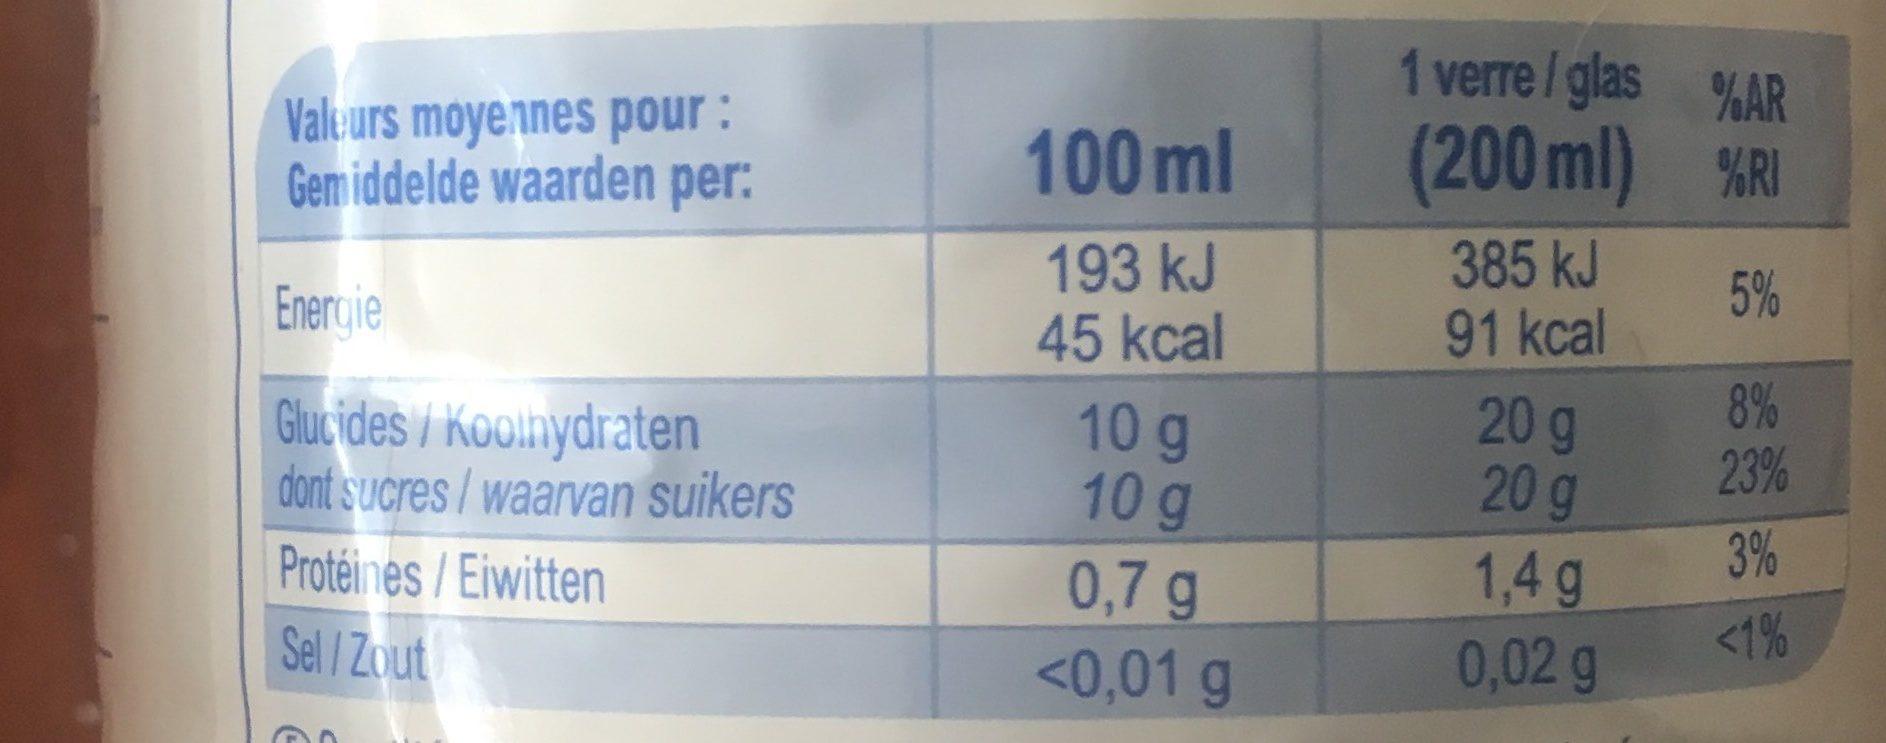 Orange100% Fruit Pressé - Informations nutritionnelles - fr